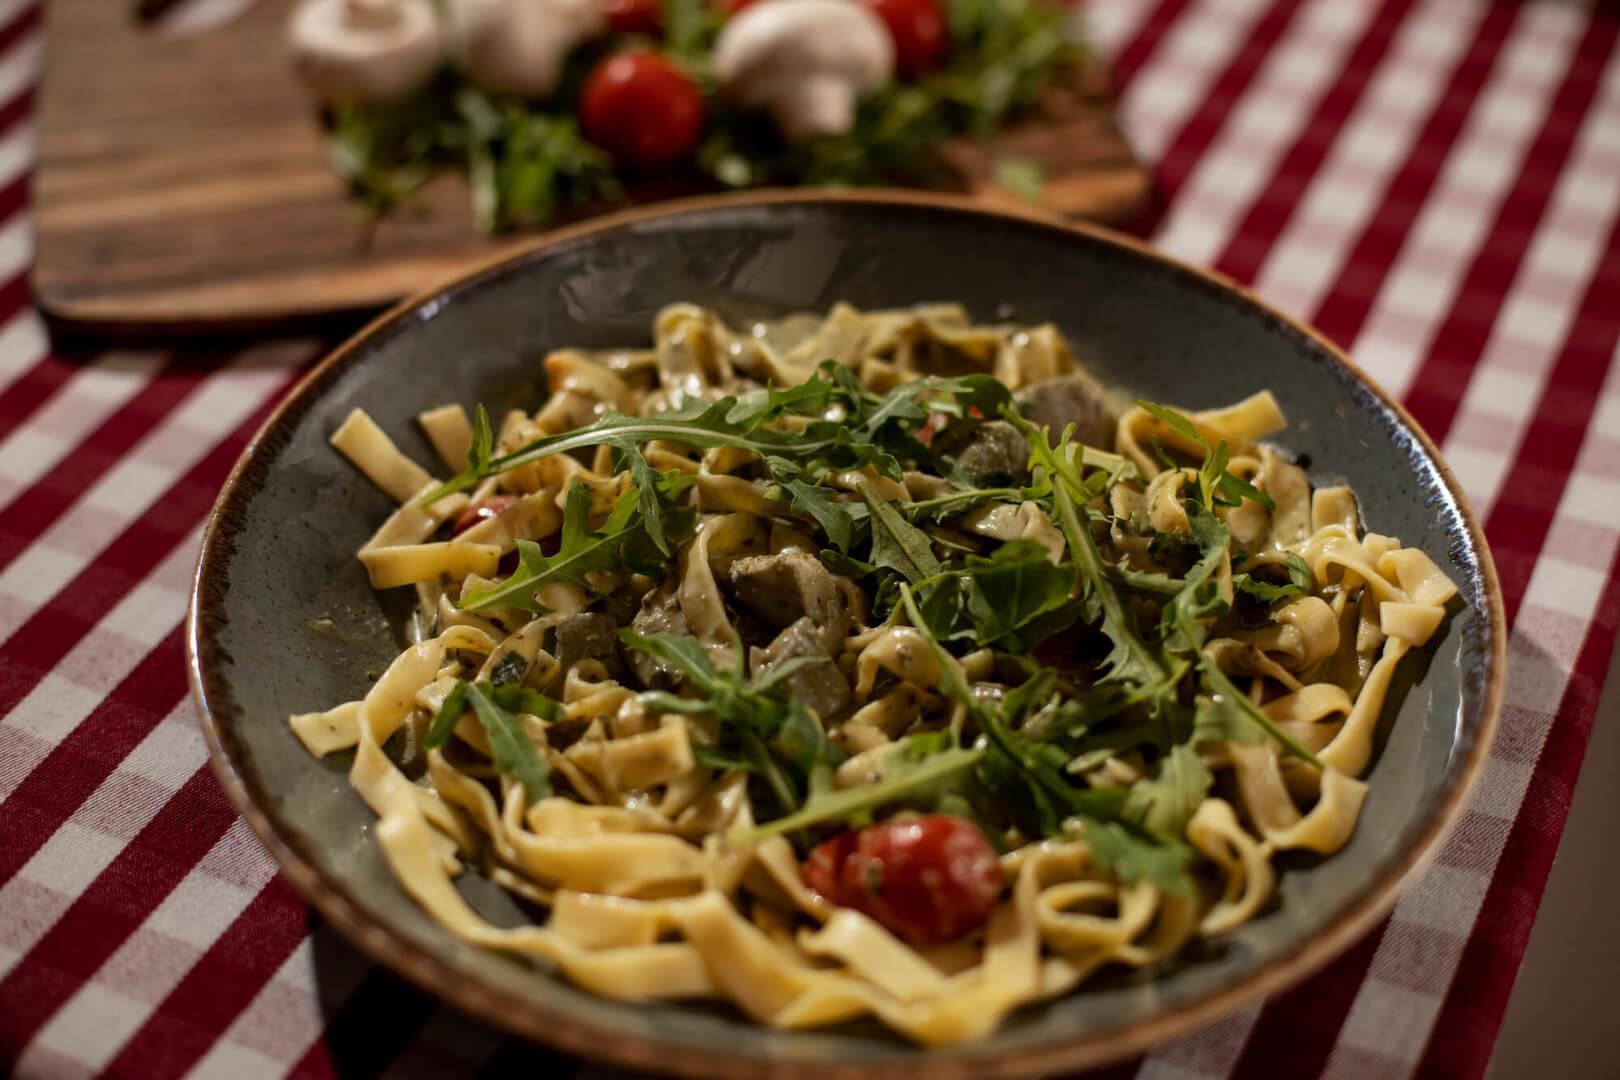 Authentic Italian Pasta Dish